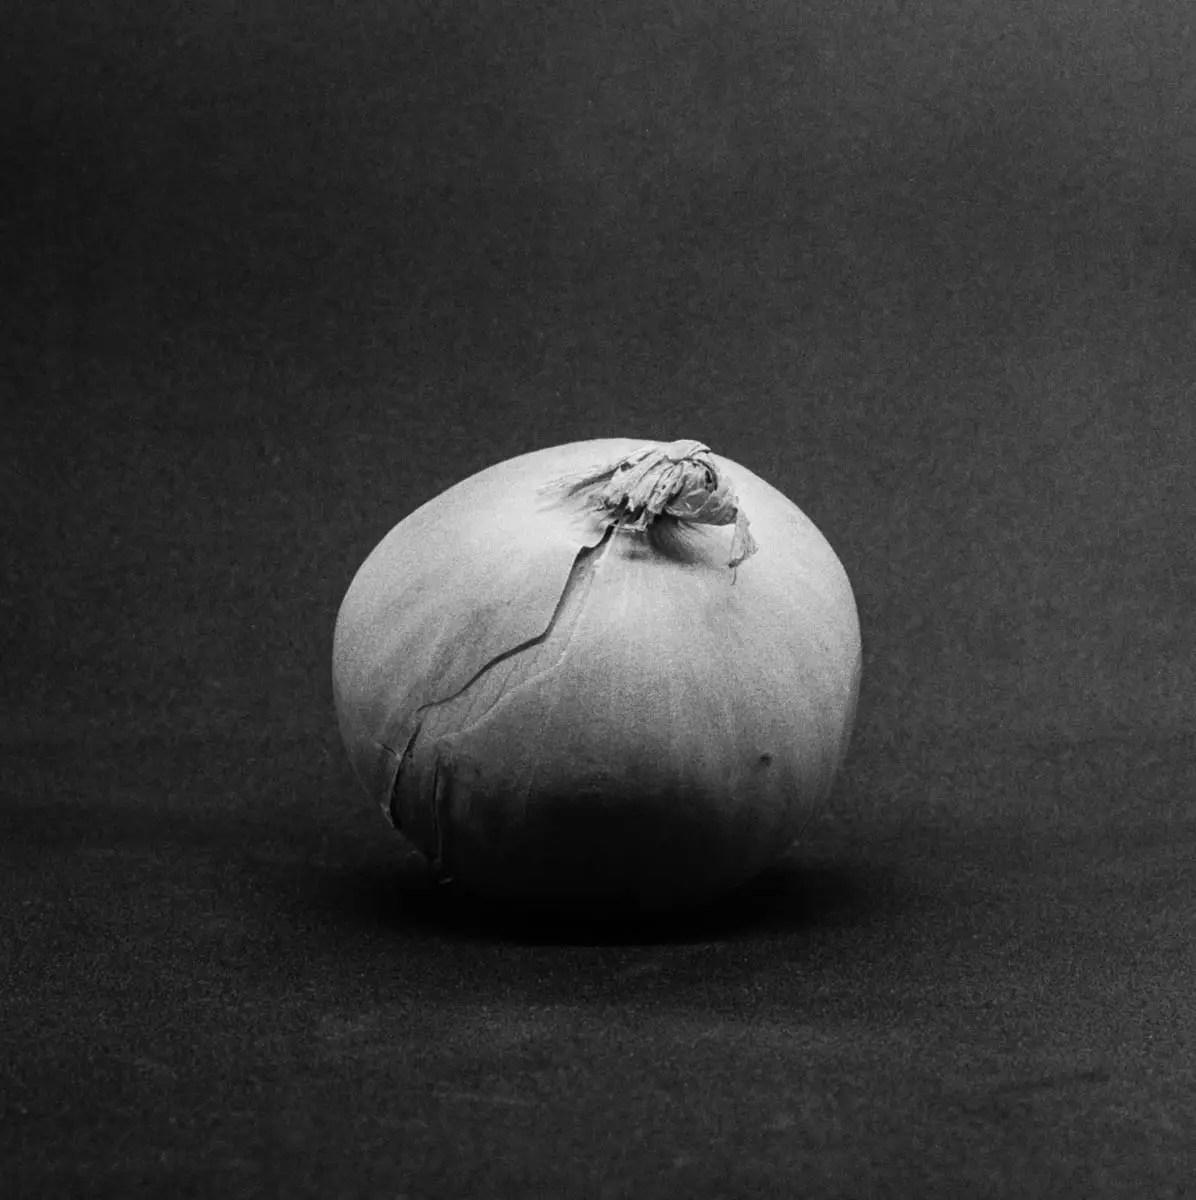 Onion #3 - ILFORD HP5 PLUS, Minolta SRT 101b, MD Rokkor 50mm f/1.7 - Nigel Fishwick